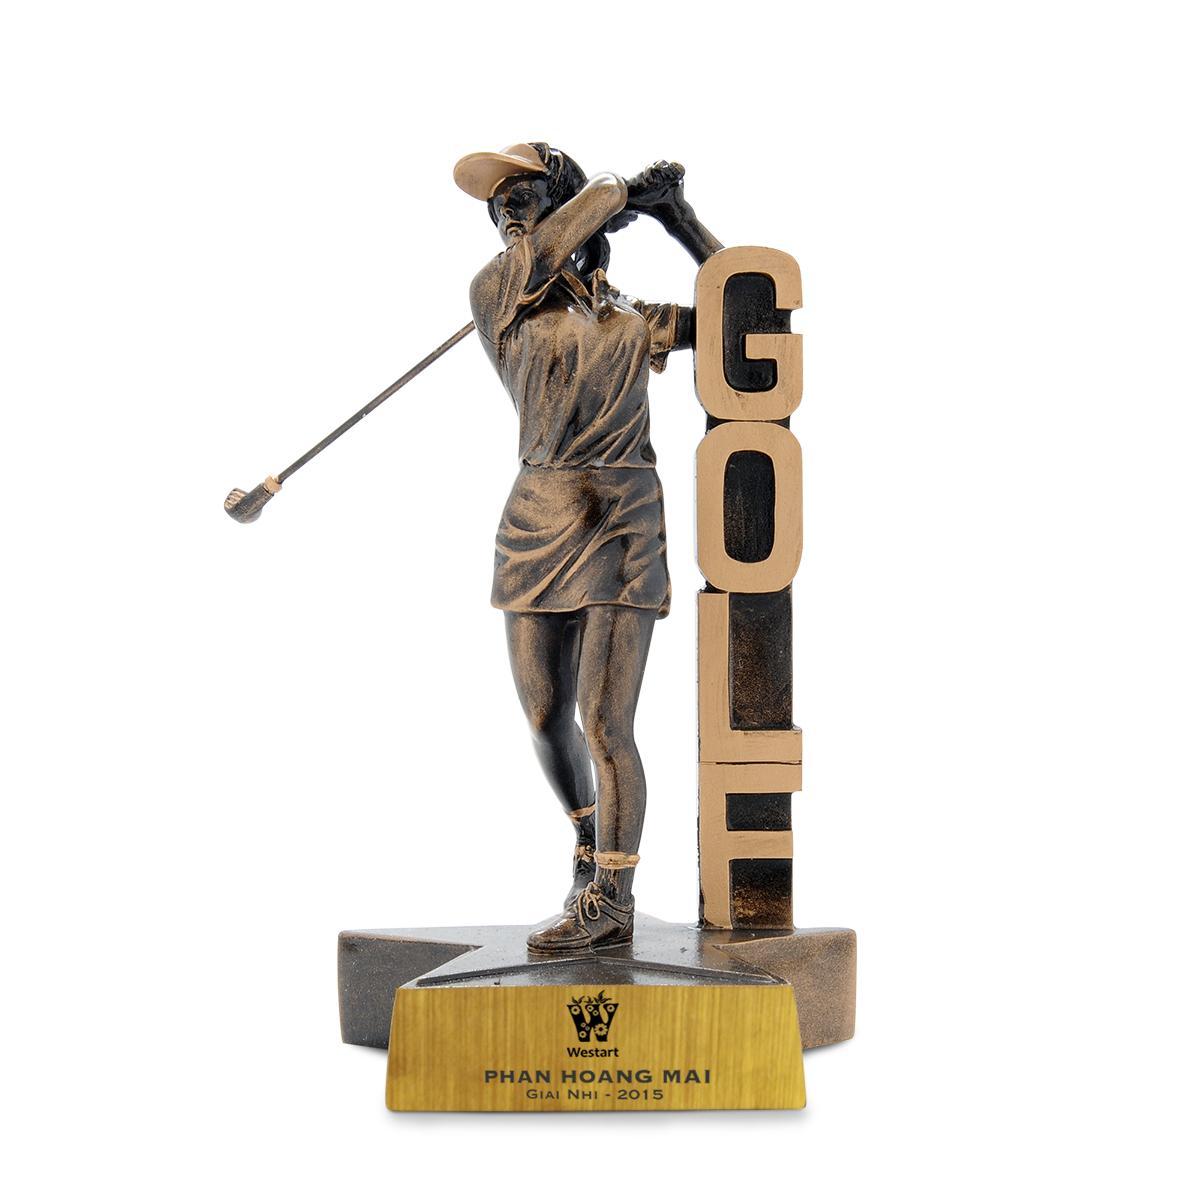 Hình ảnh Cúp golf nữ Interleisure RST408 21cm